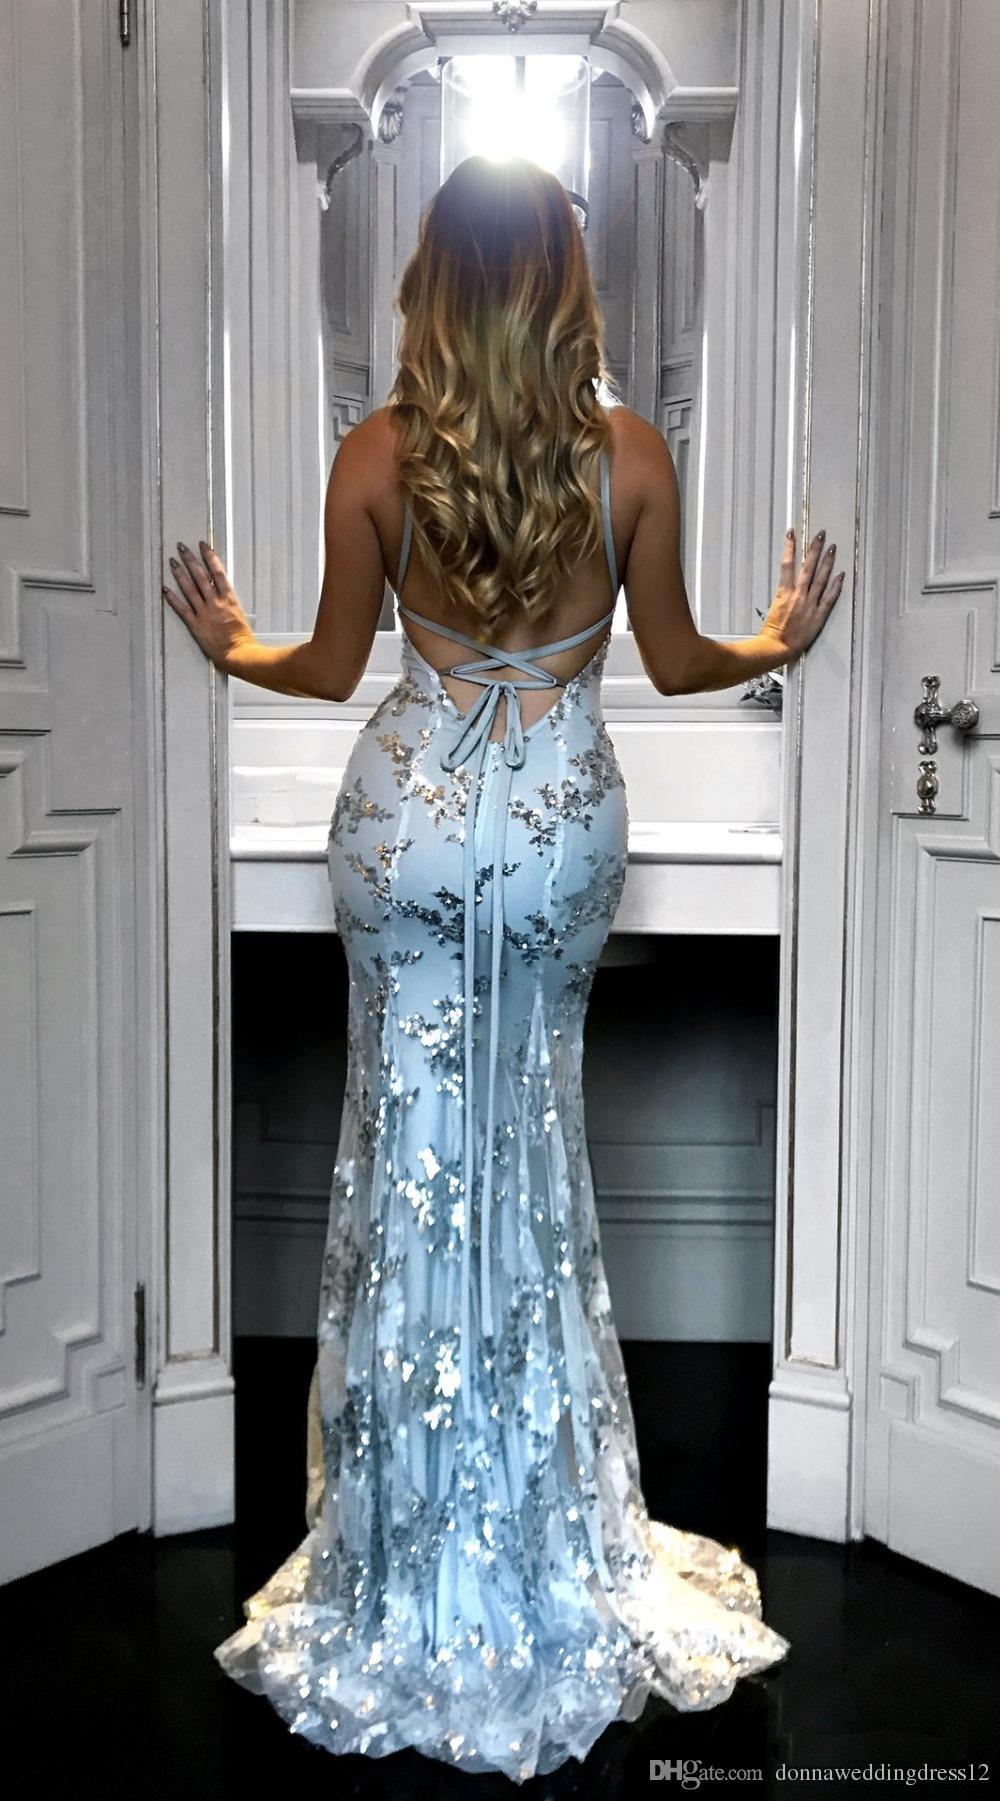 2018 abito grazioso sexy scollo a V Spahetti cinghie paillettes lungo della sirena di promenade d'argento Backless dei vestiti da sera femminile maxi vestito da partito poco costoso